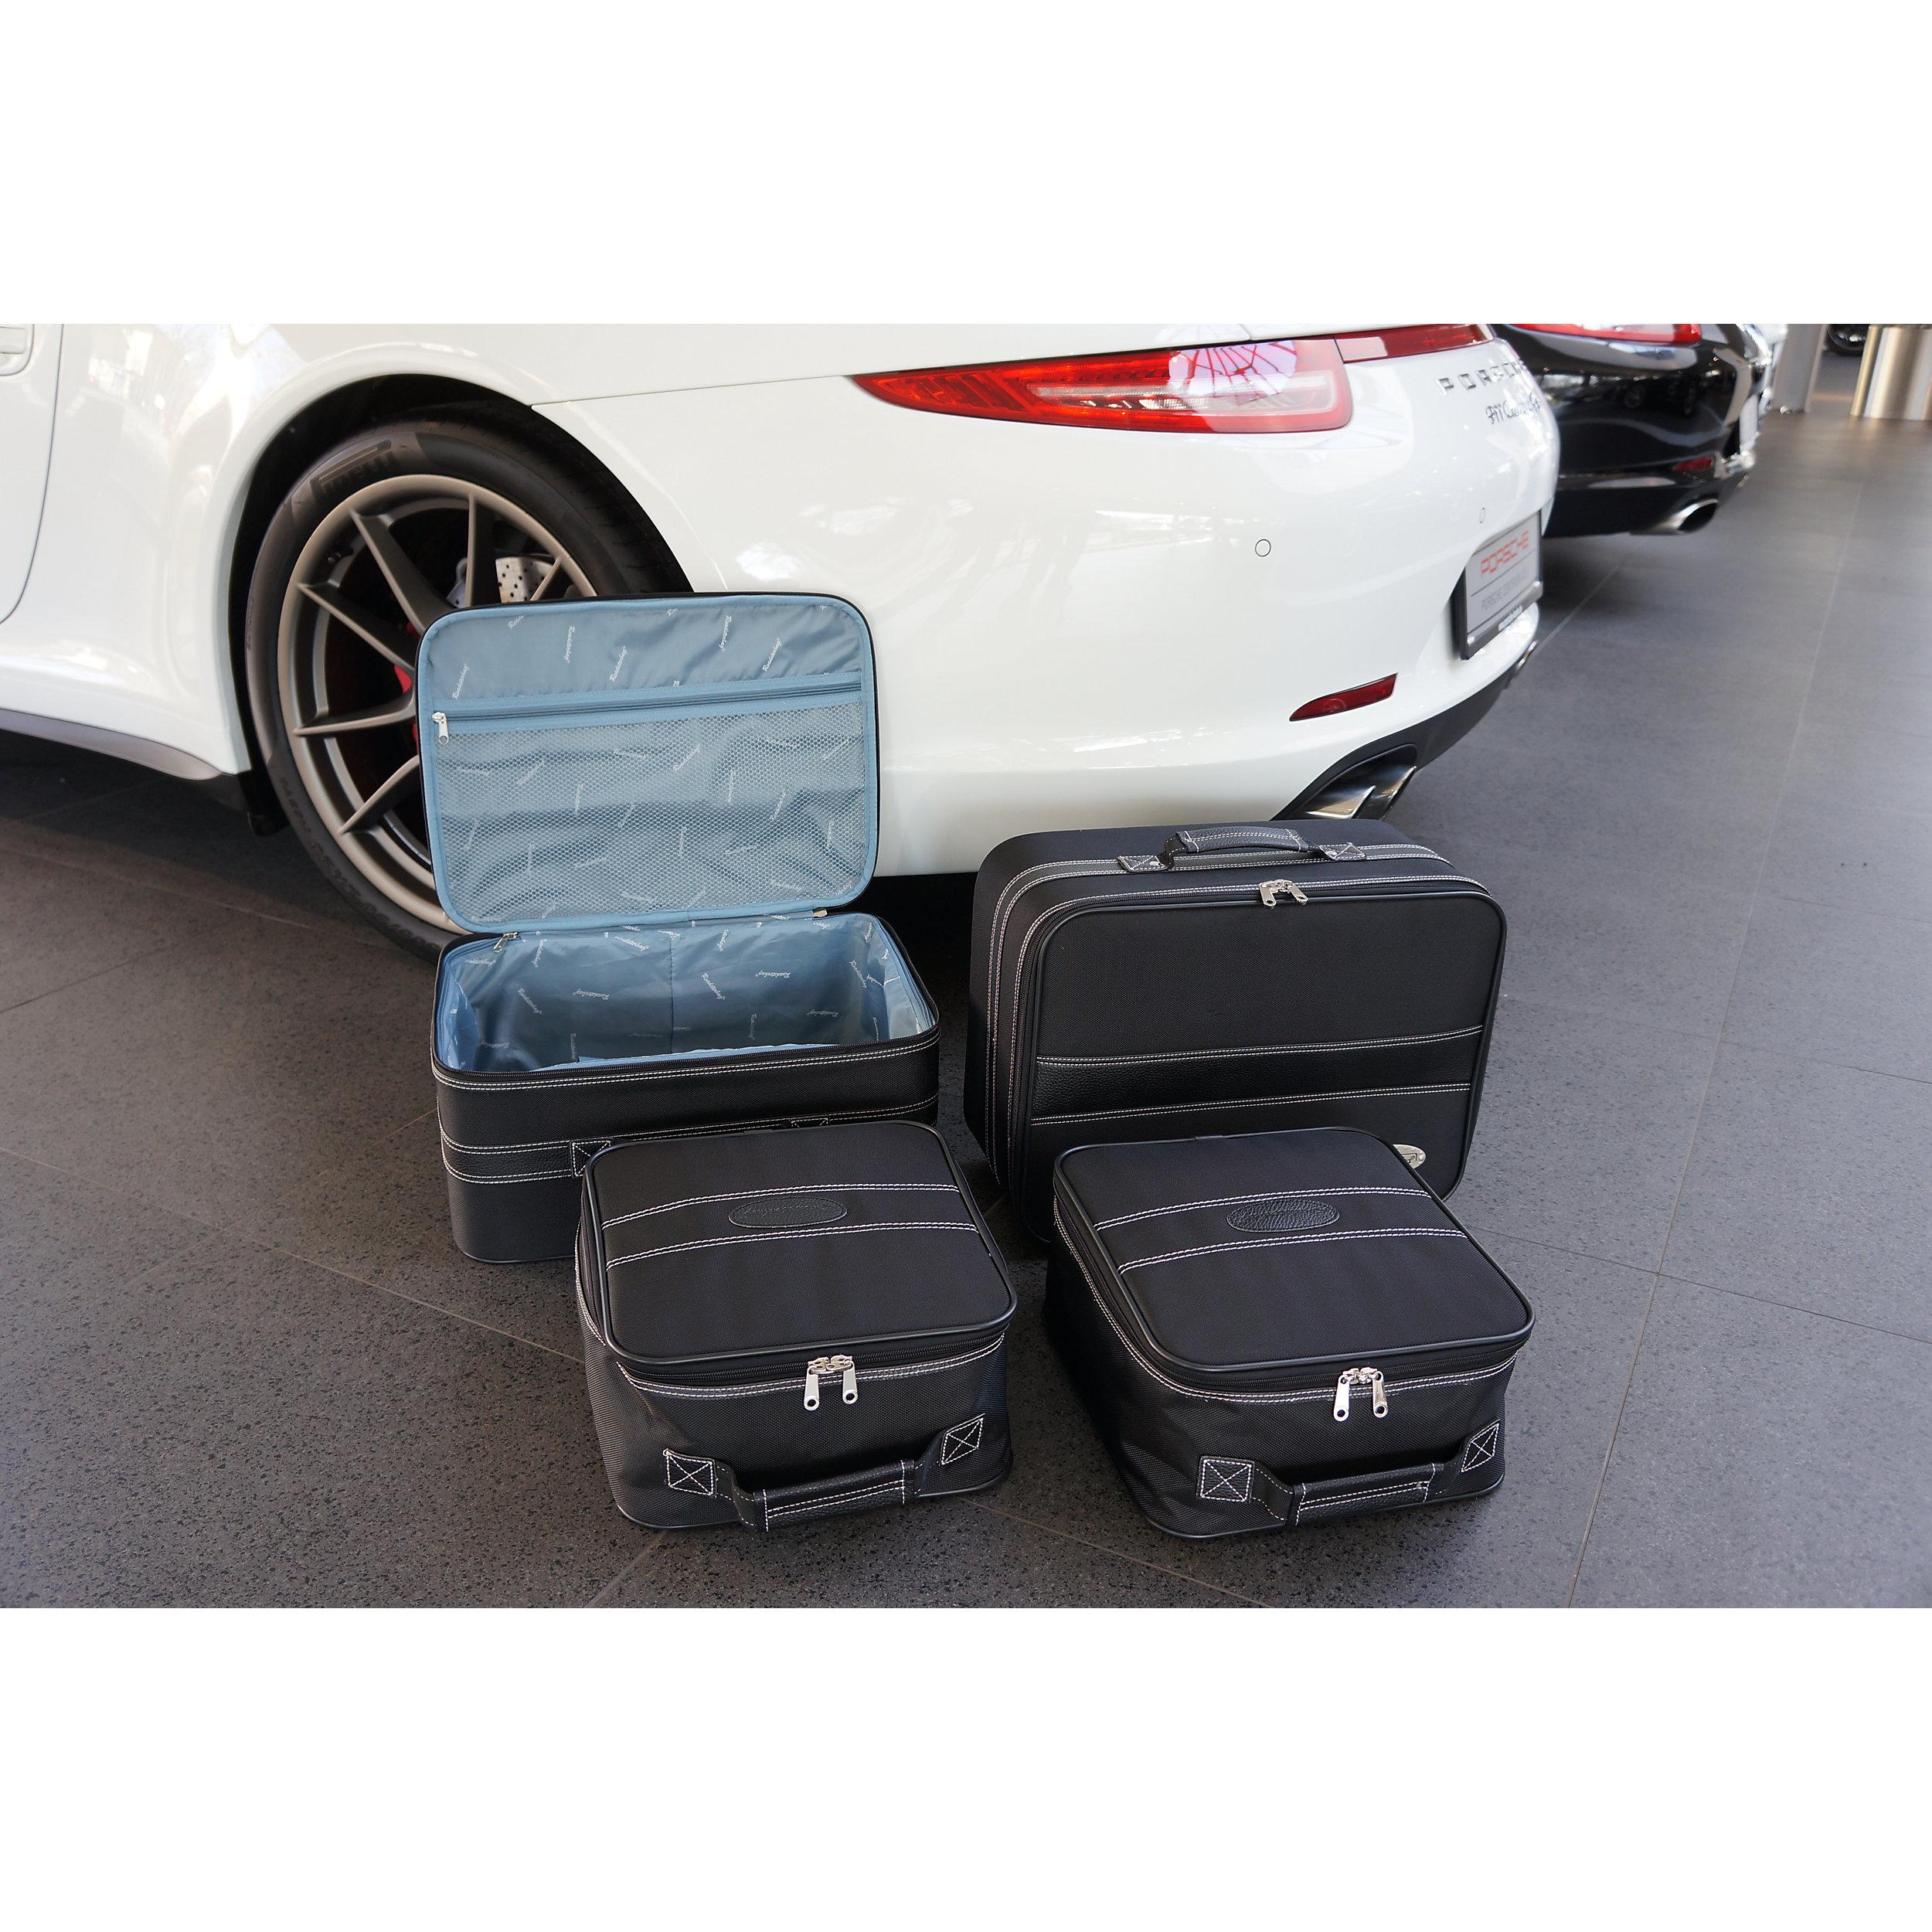 4tlg. Autokofferset Porsche 911 (991+996+997) 88 Liter